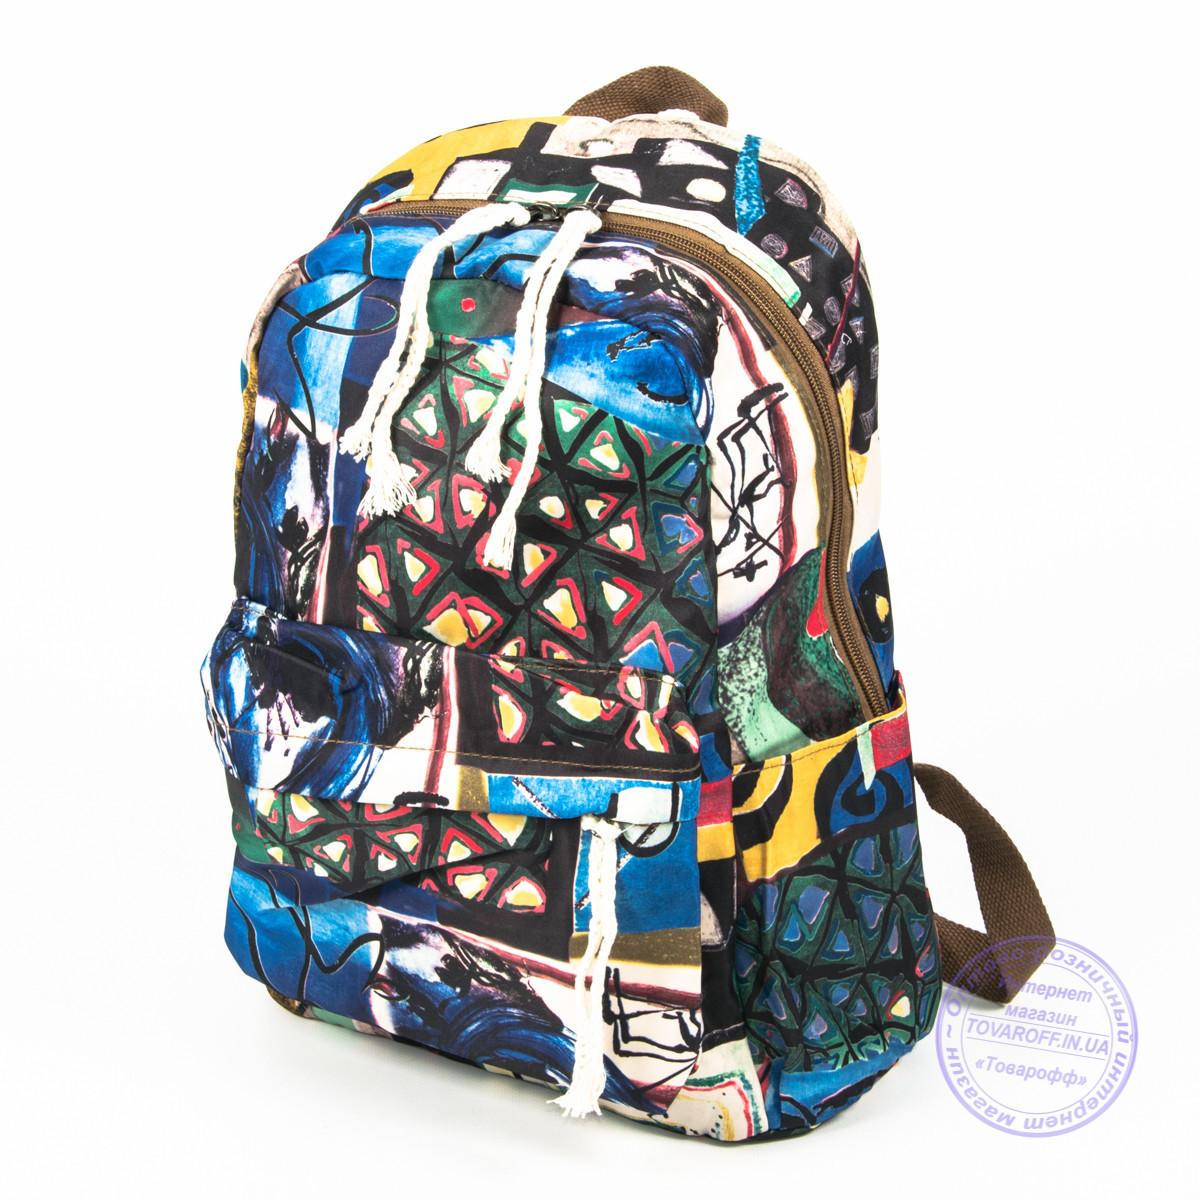 Оптом стильный рюкзак небольшого формата - 024